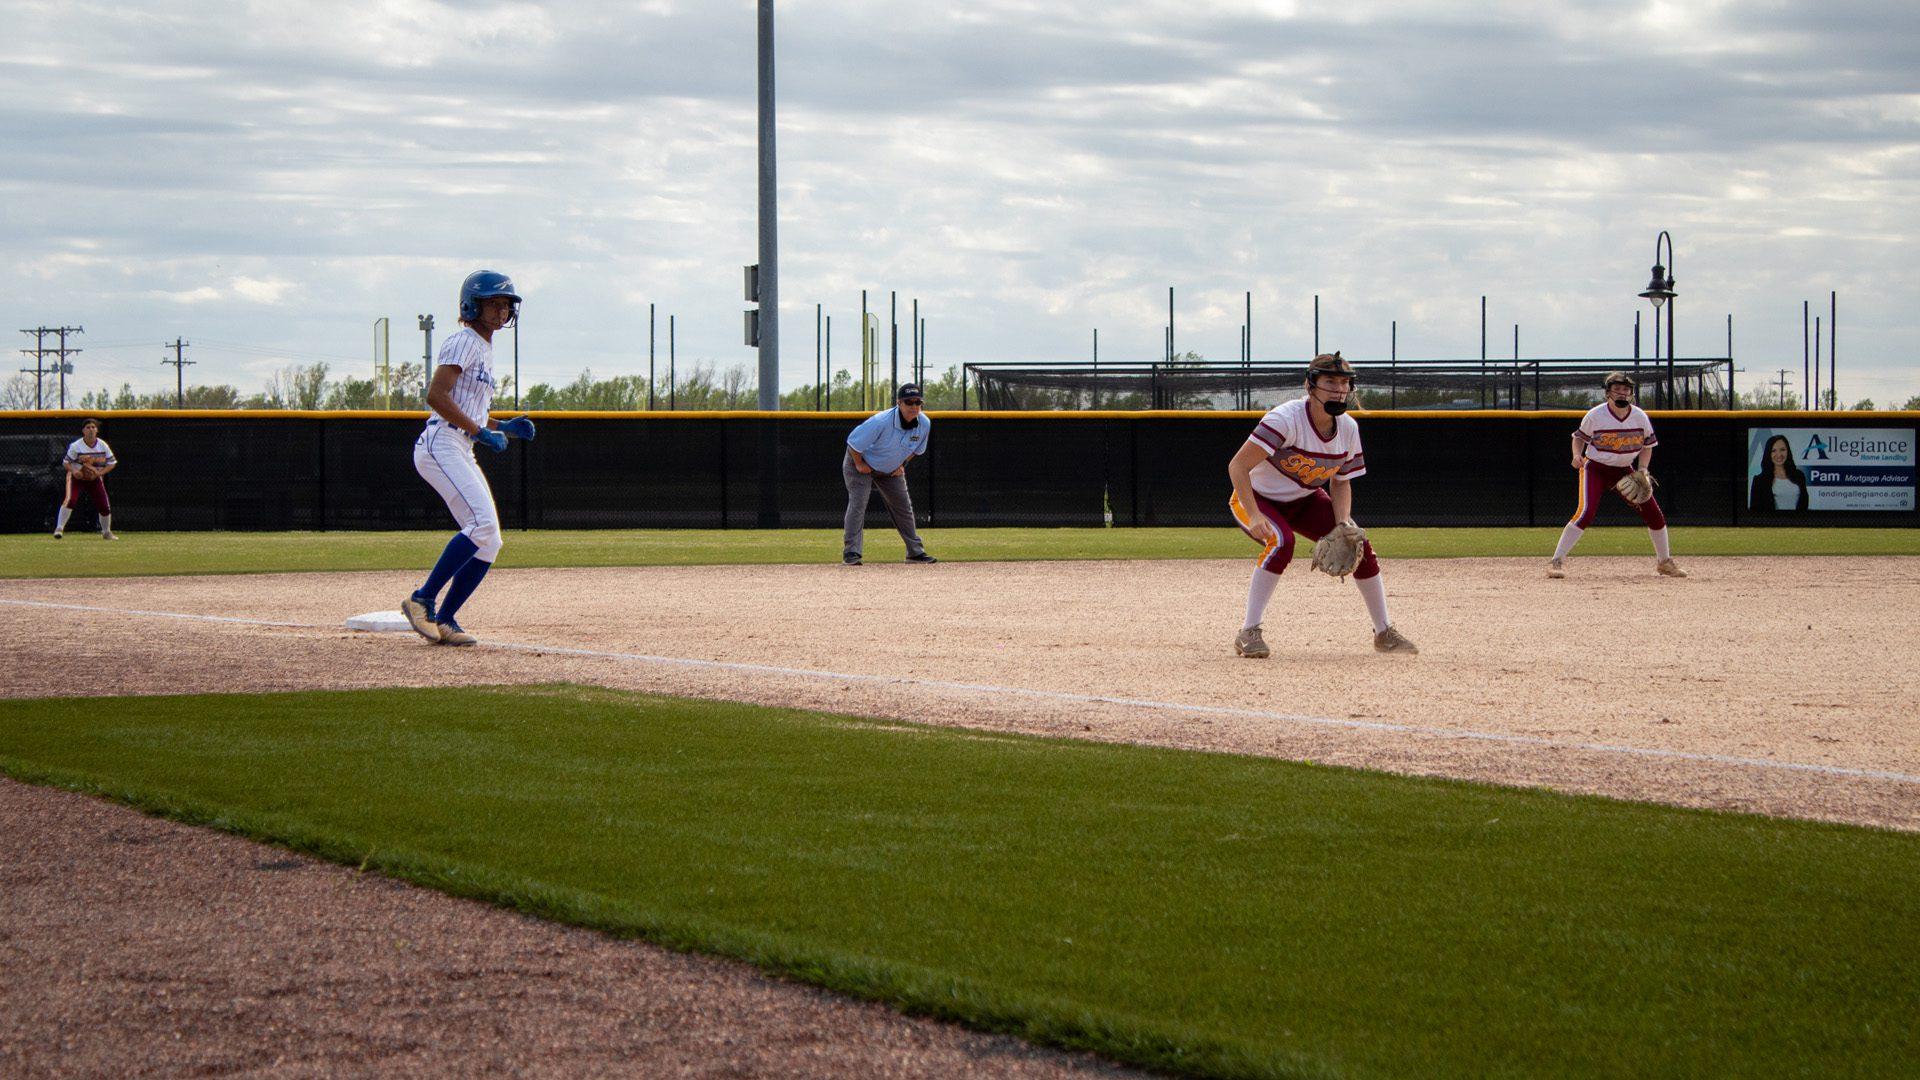 Runner on third base